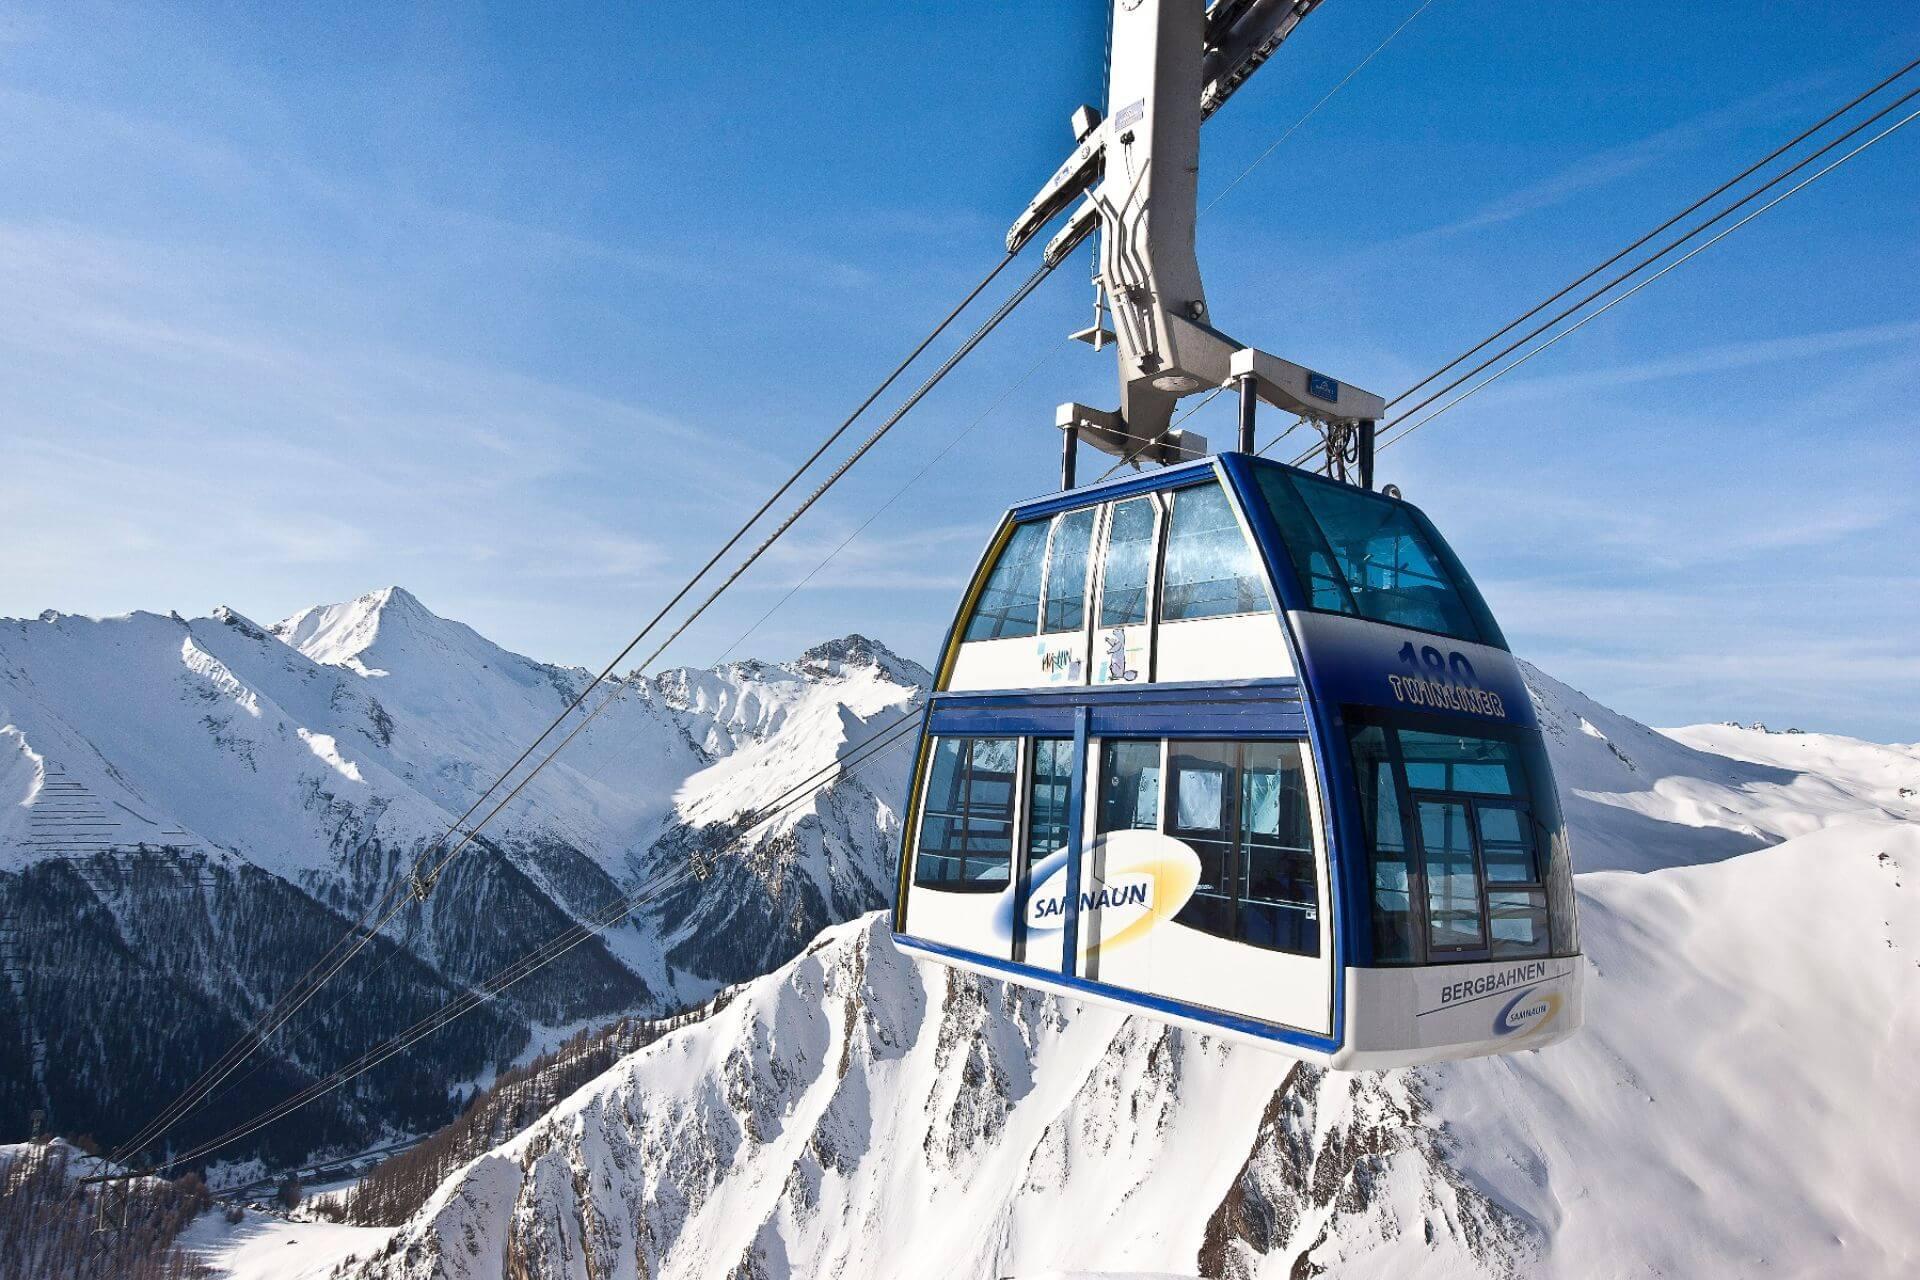 tanie narty w szwajcarii